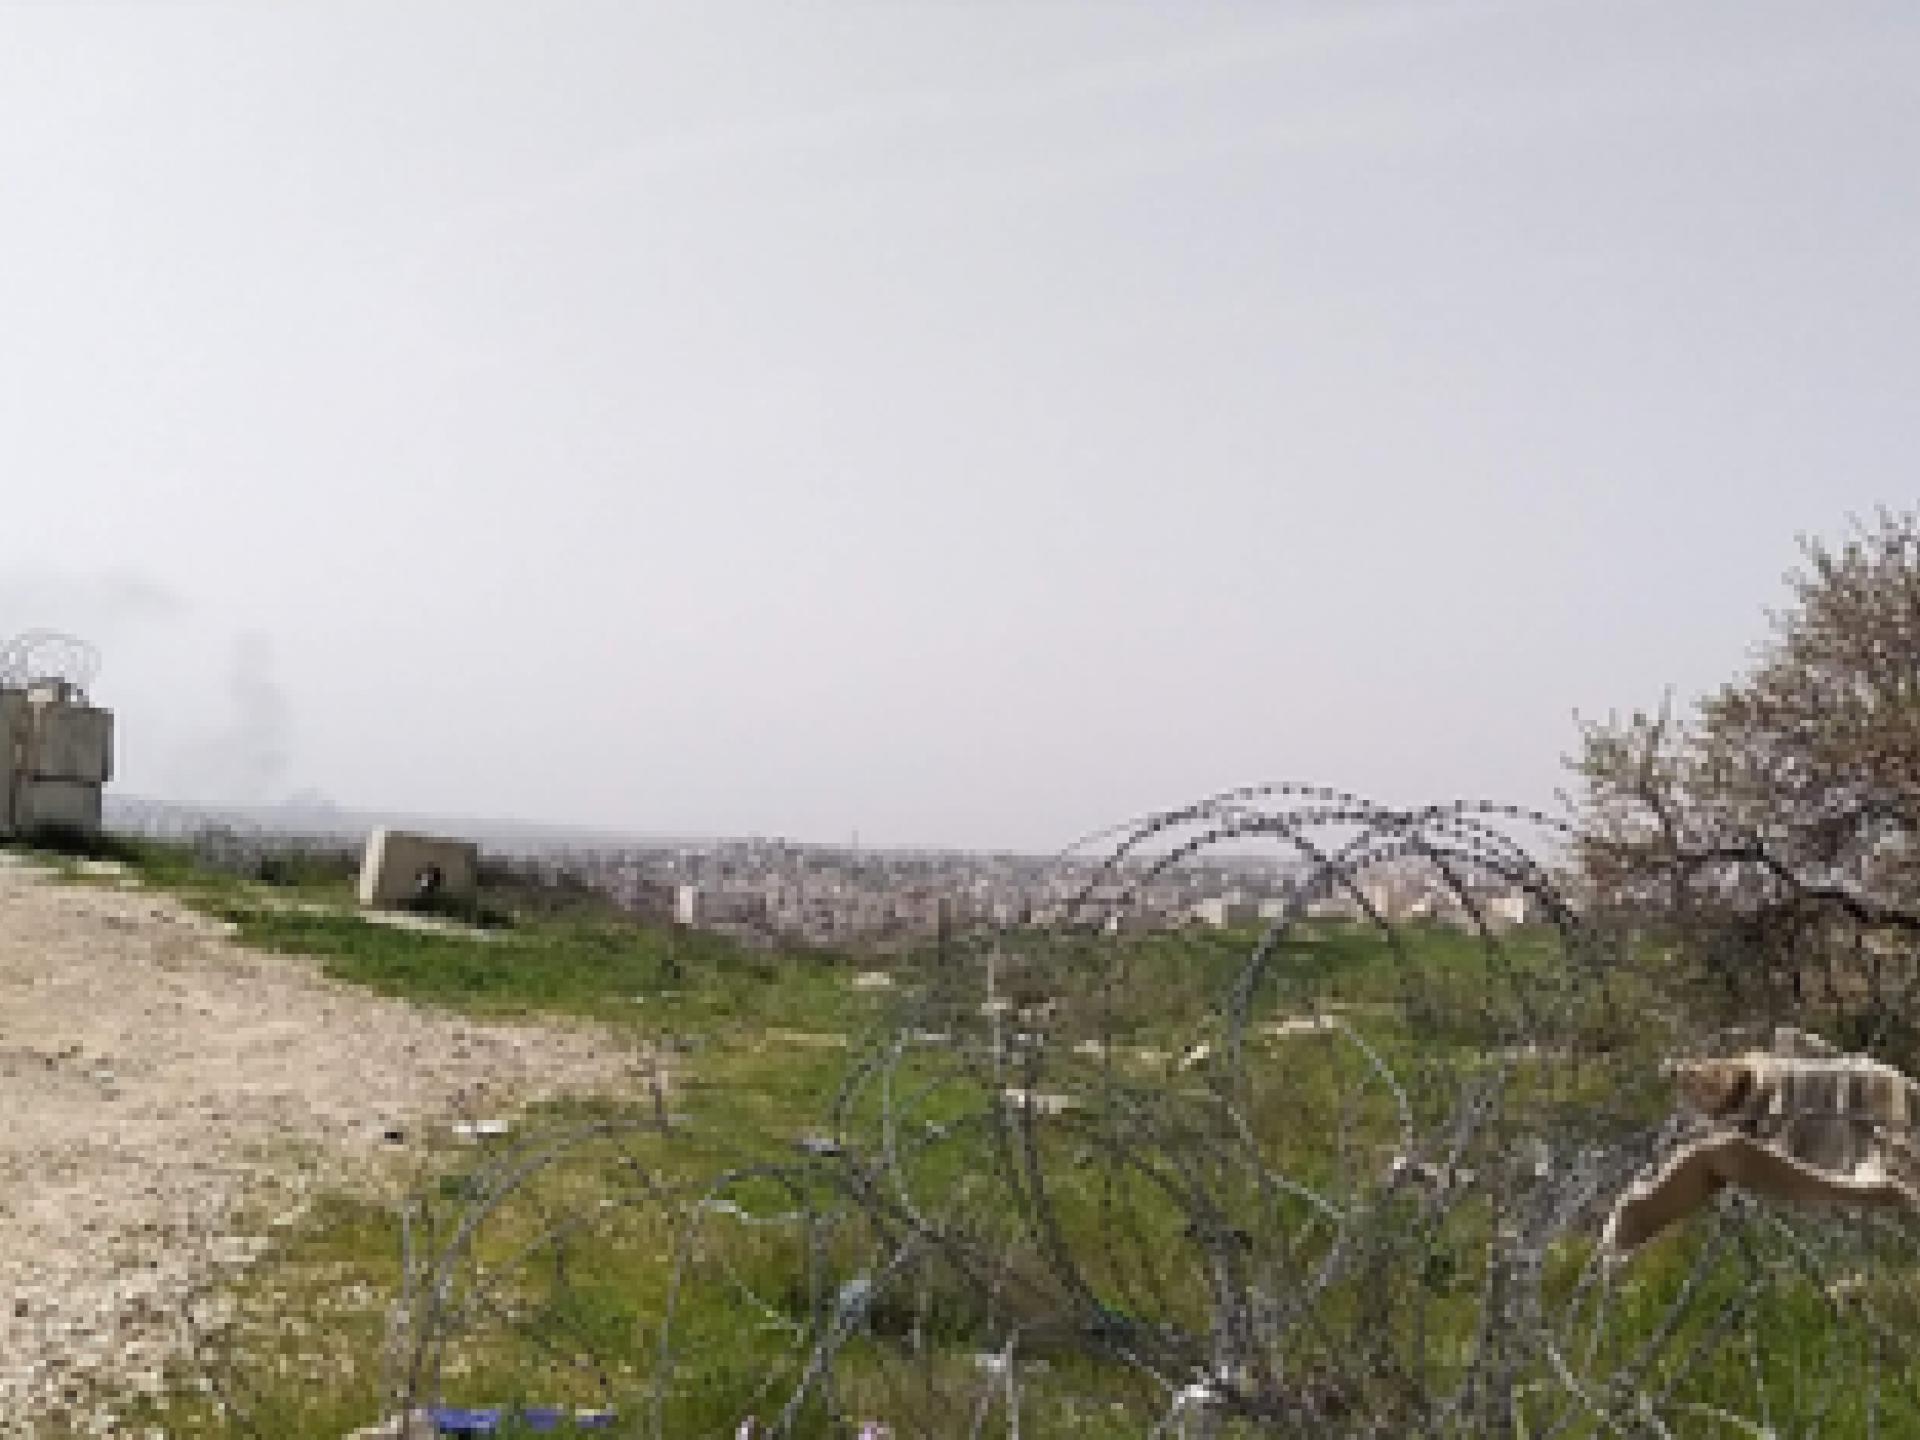 פילבוקס, גדרות תיל ושקדיה פורחת ליד צומת זיף